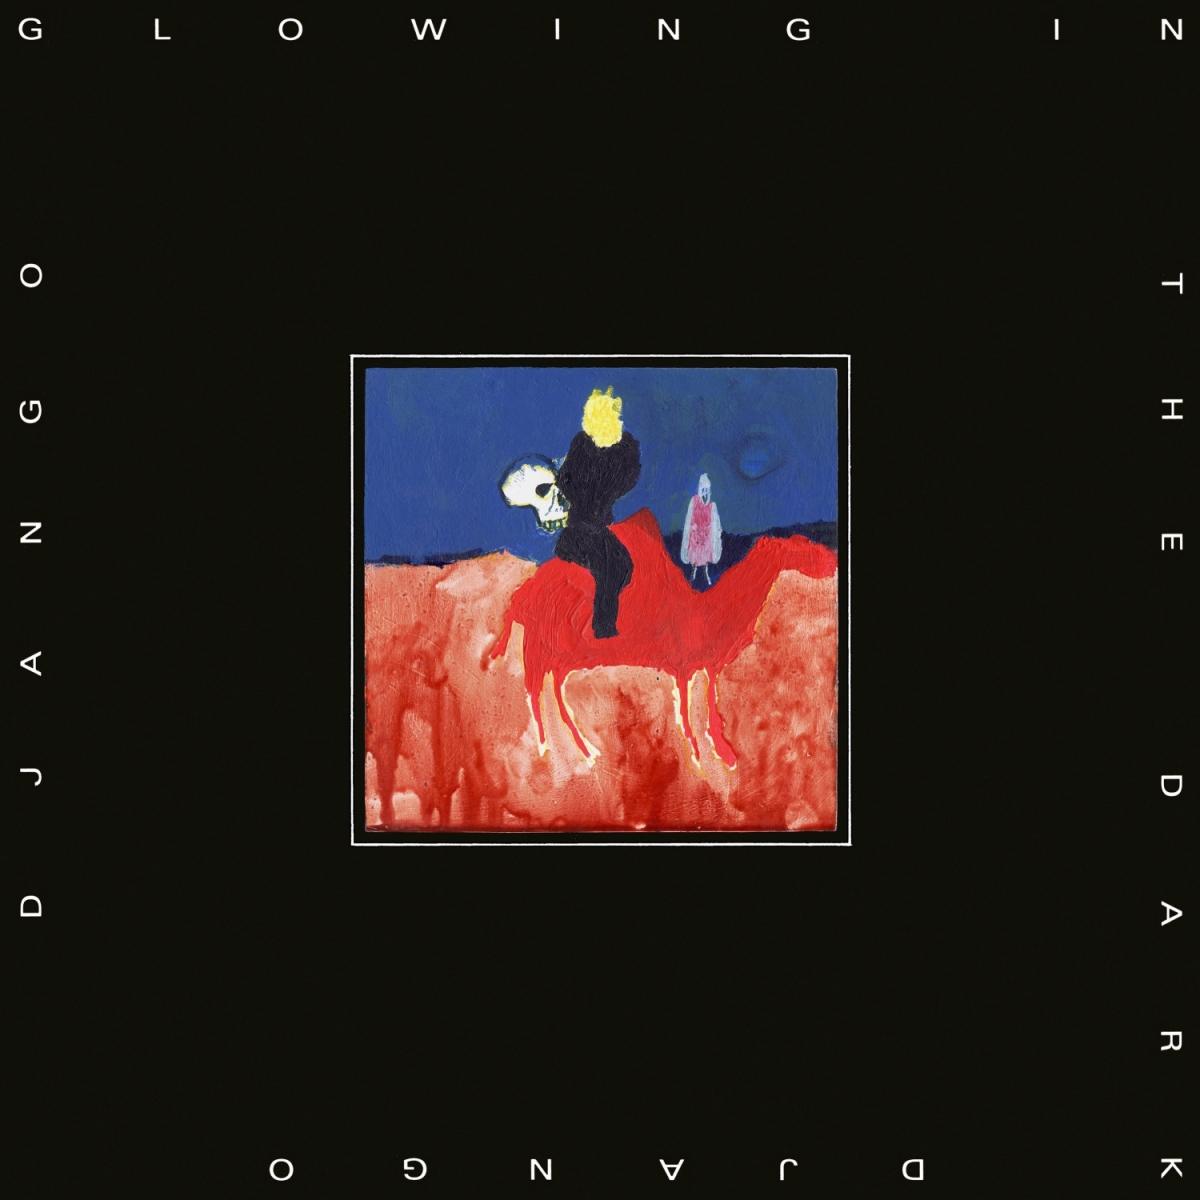 Glowing in the Dark with DjangoDjango